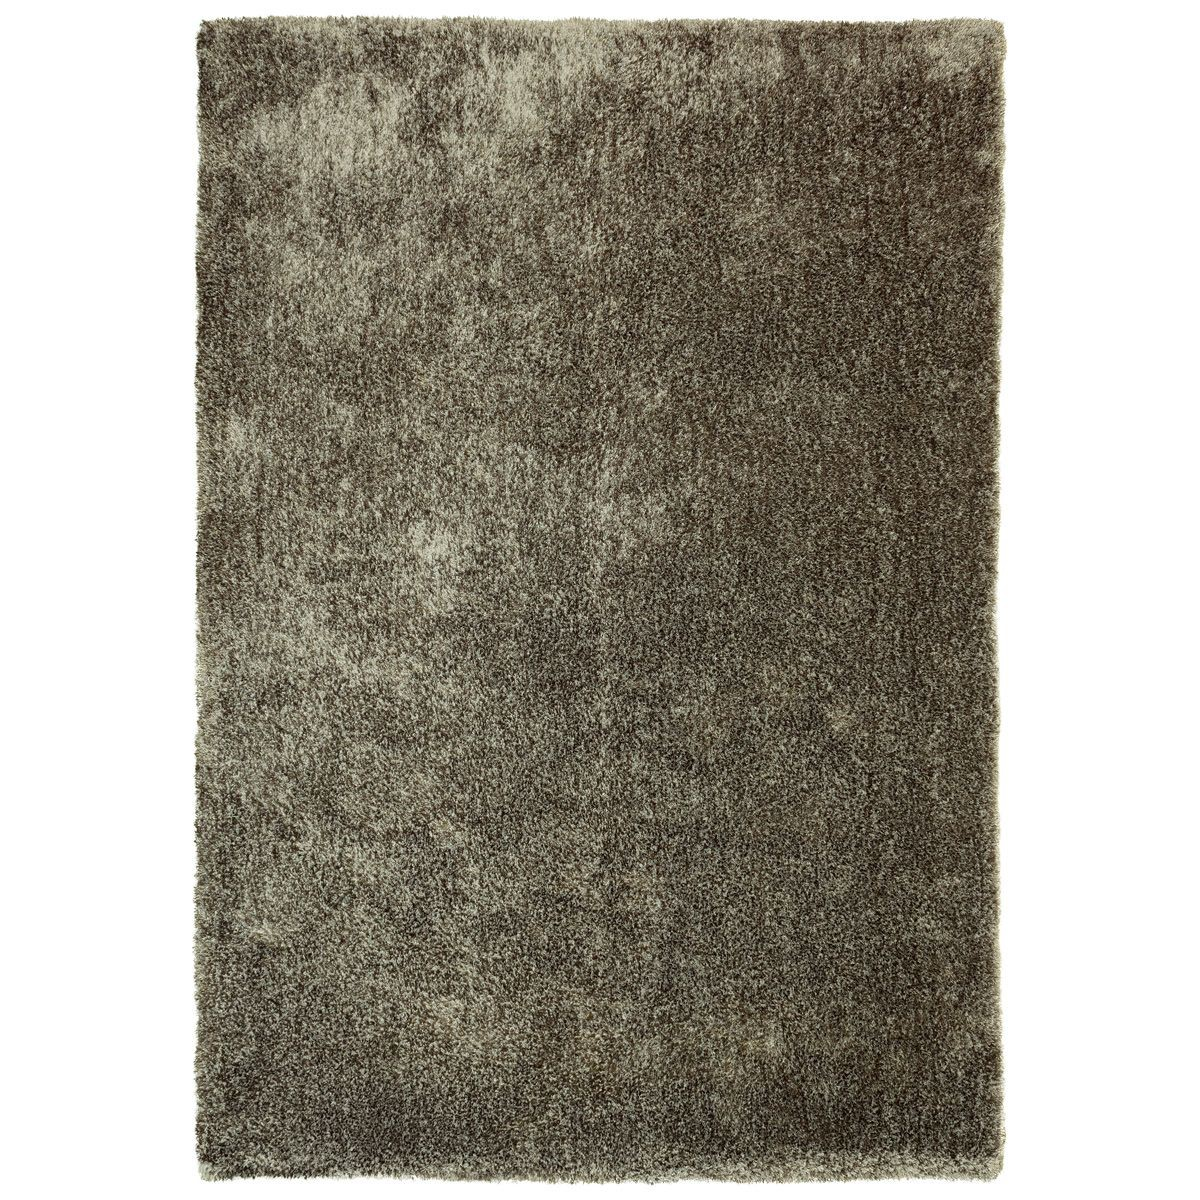 sch ner wohnen teppich emotion shaggy langflor grau. Black Bedroom Furniture Sets. Home Design Ideas